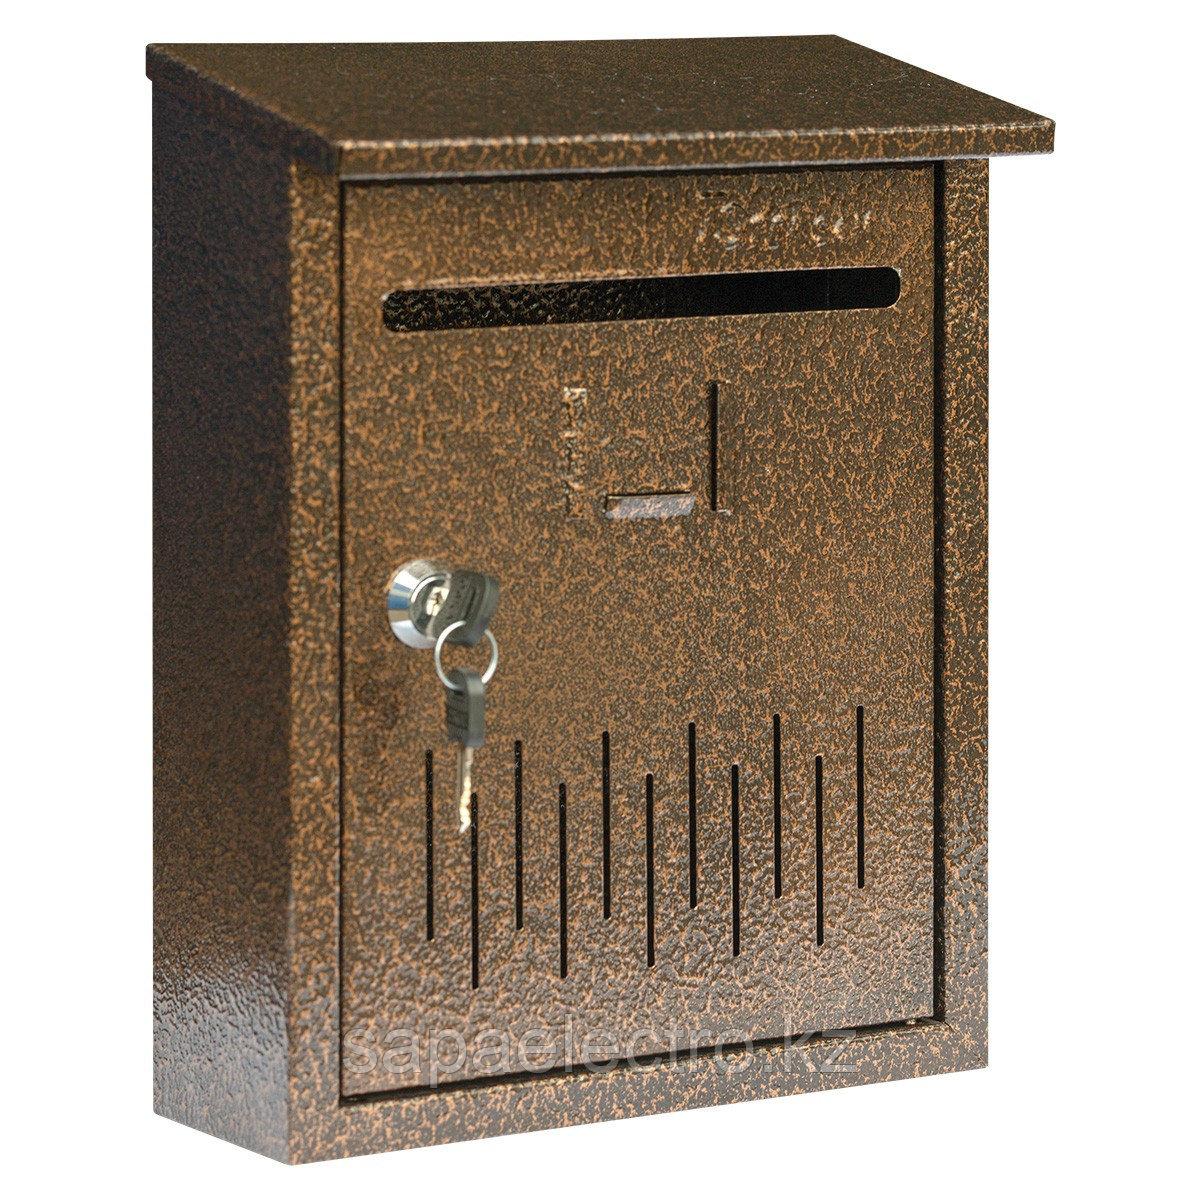 Металл.Почтовый ящик (маленький) с козырьком PK4 (2